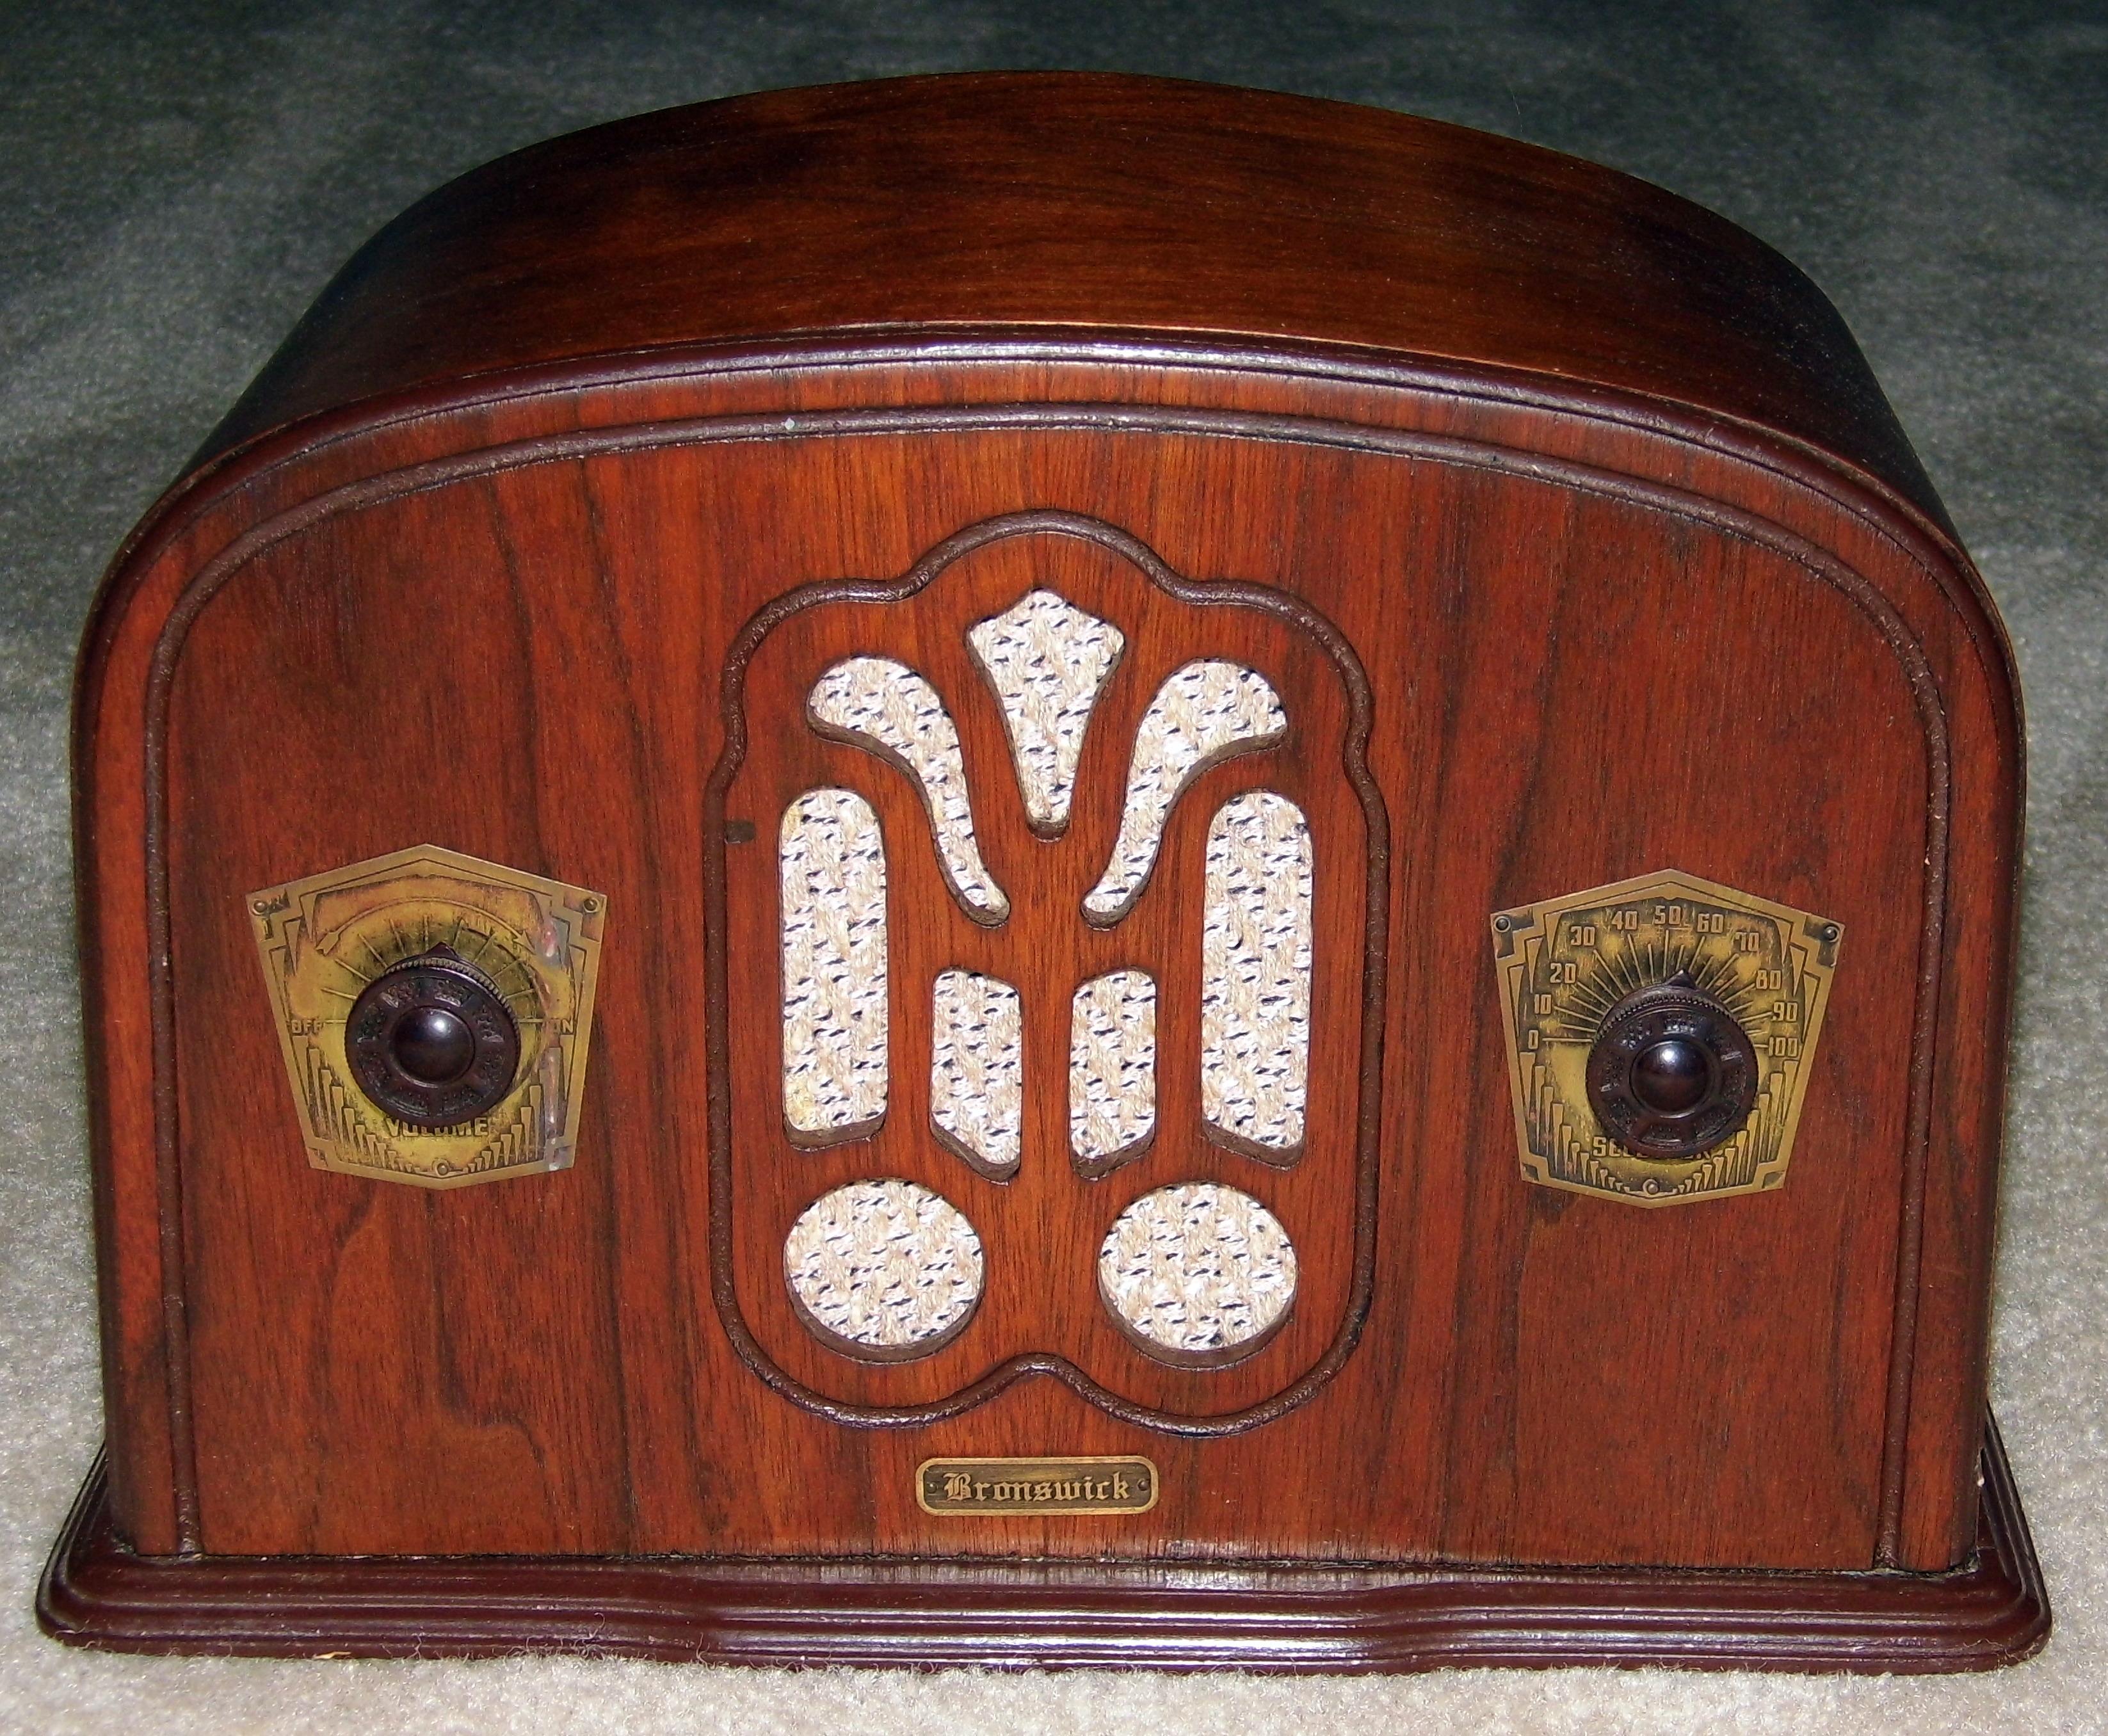 File Vintage Brunswick Wood Table Radio 5 Vacuum Tubes